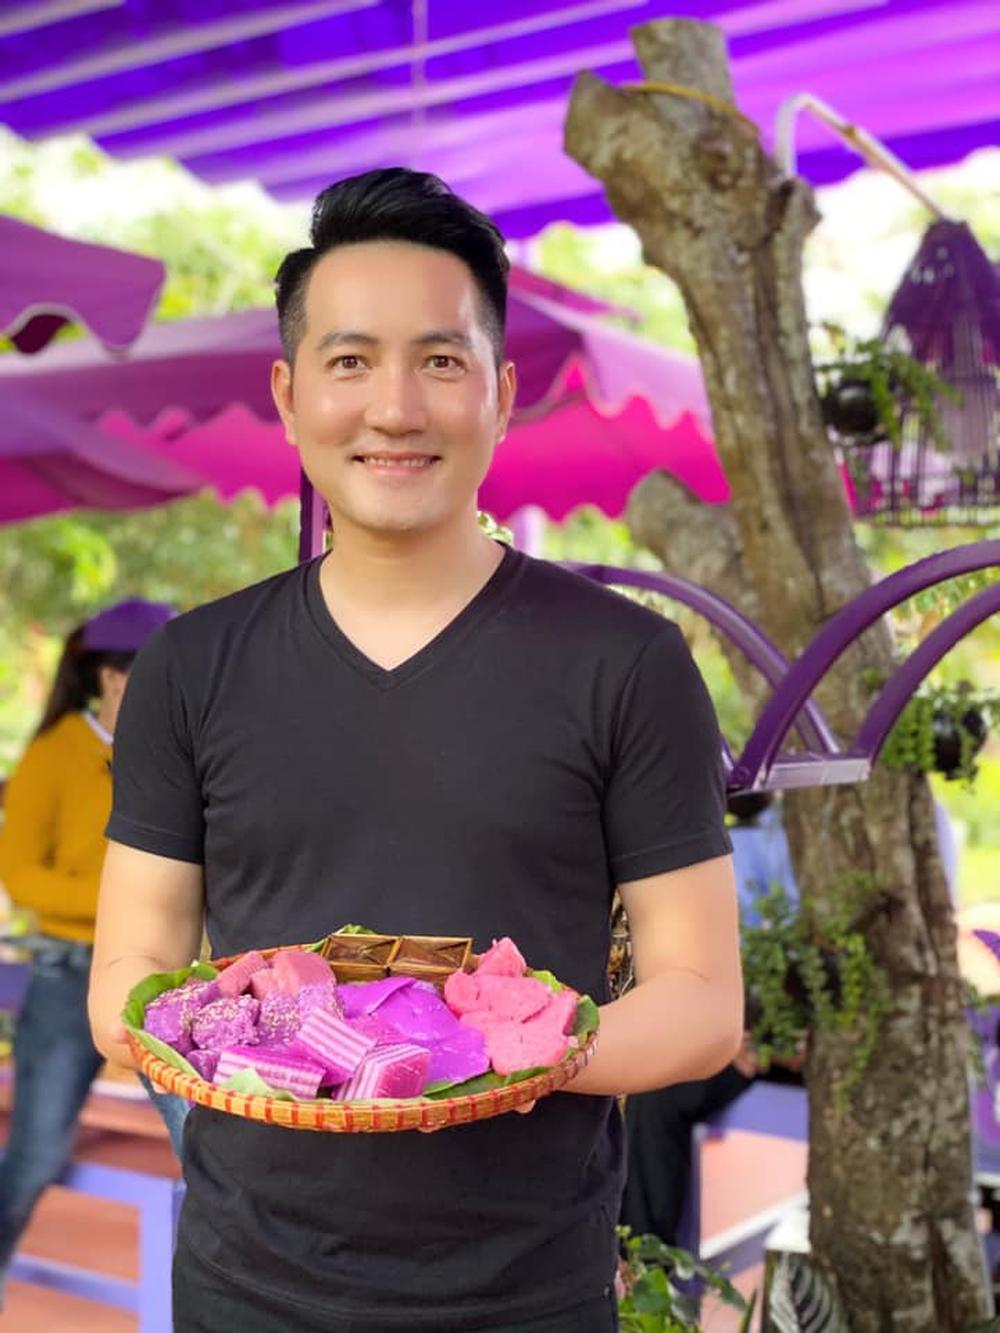 Cuộc sống của Nguyễn Phi Hùng: 44 tuổi vẫn độc thân, sống trong biệt thự rộng 3000m2 - Ảnh 3.